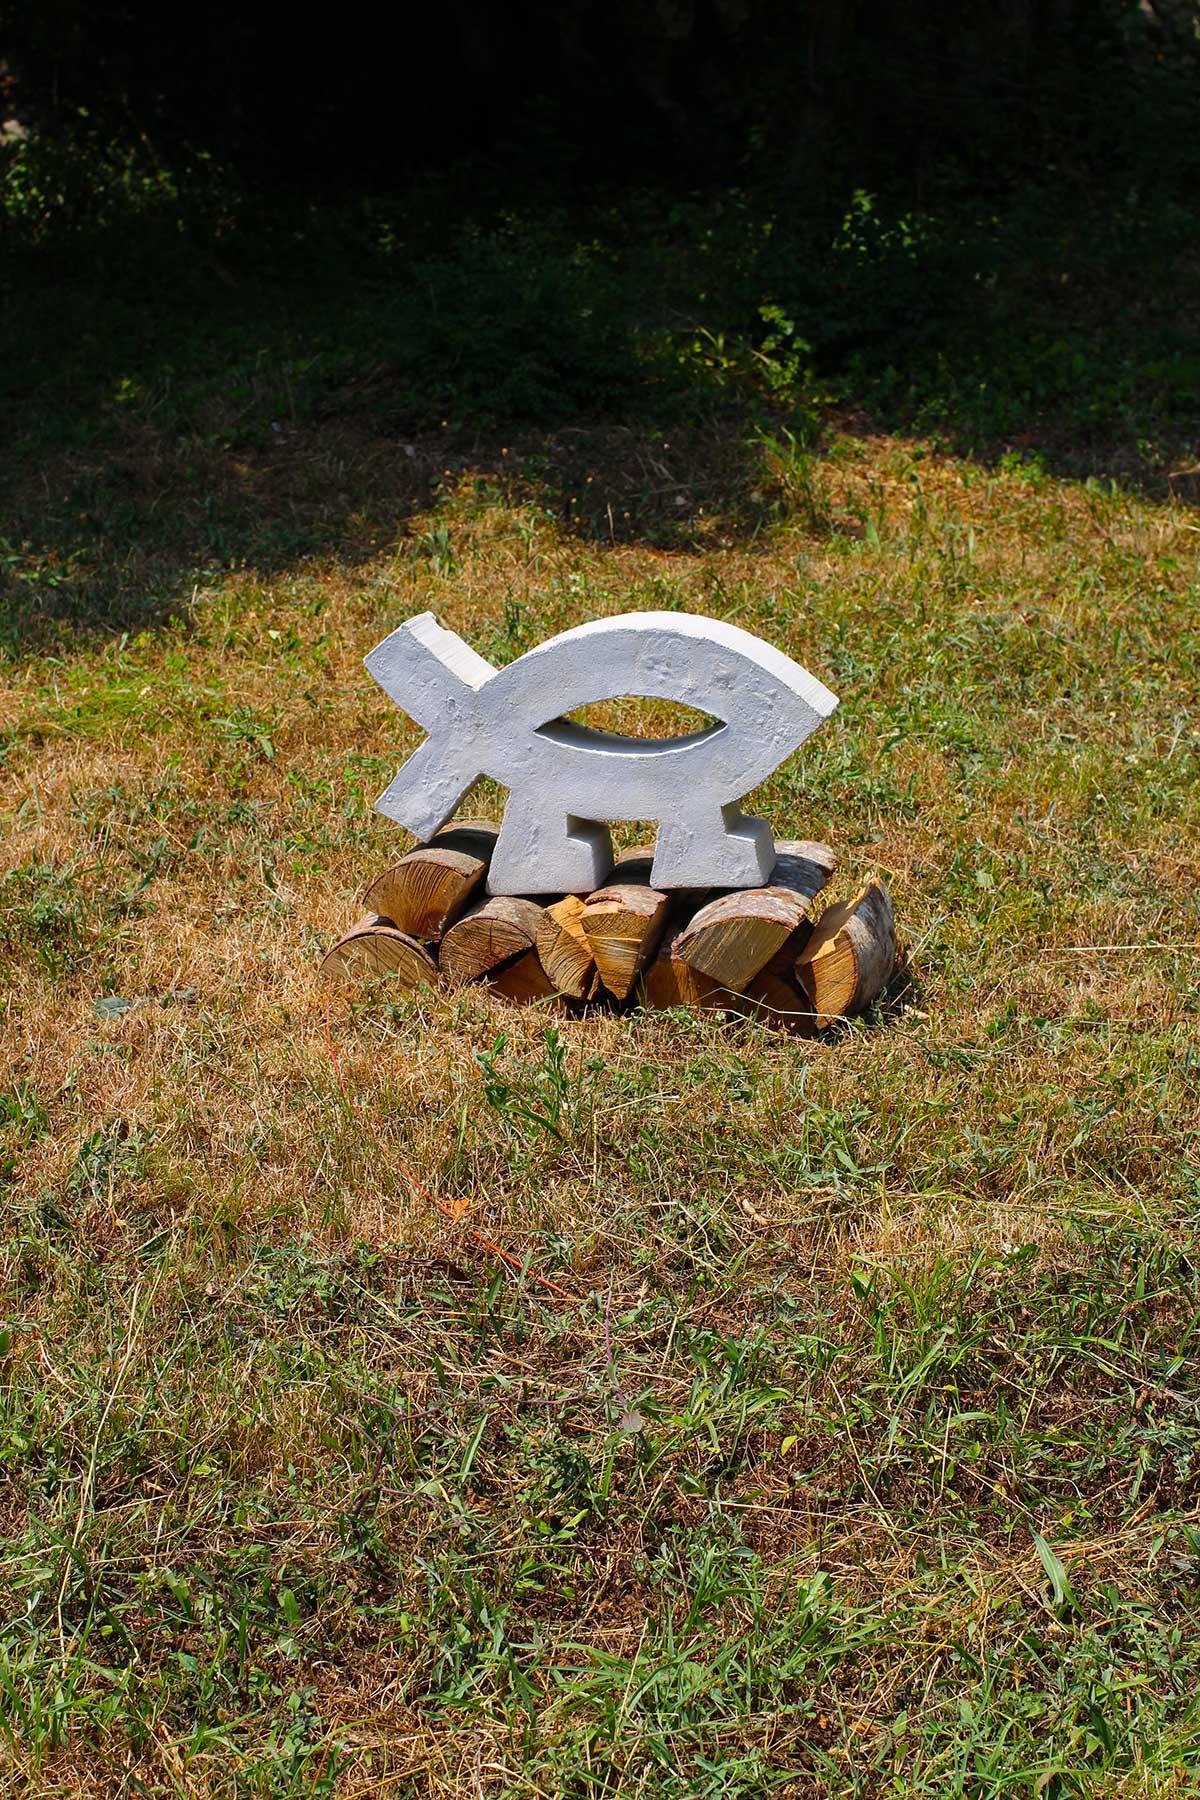 Матвій Крилов (Херцег Нові, Чорногорія), «Ісход», скульптура, бетон, 100 х 150 см., 2019